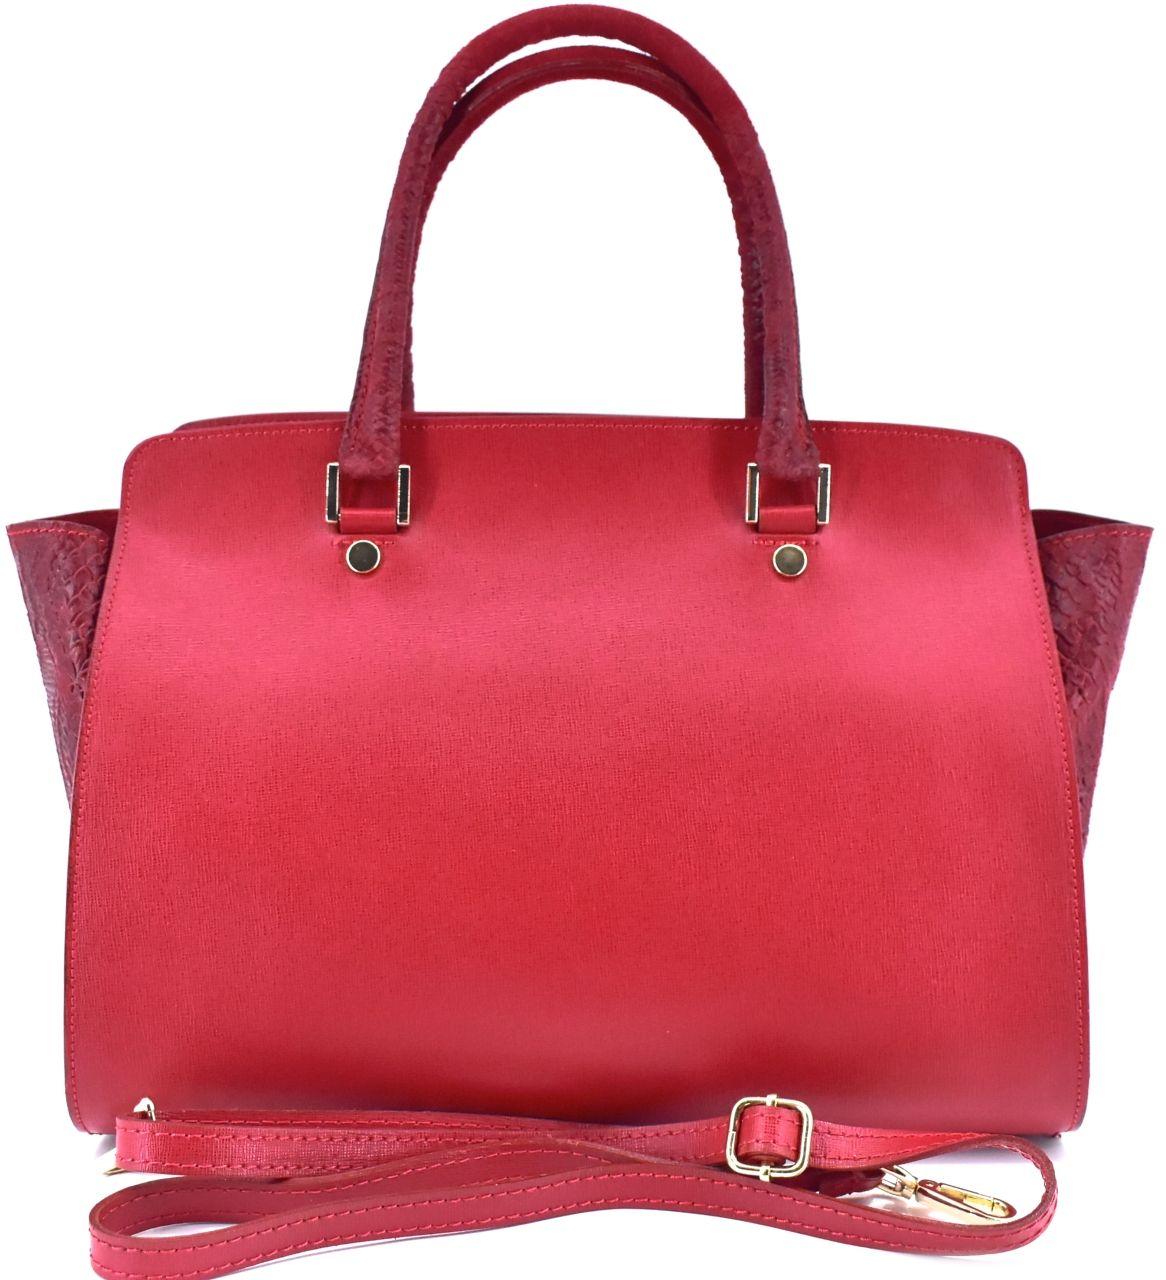 Luxusní dámská kožená kabelka Shopper - červená